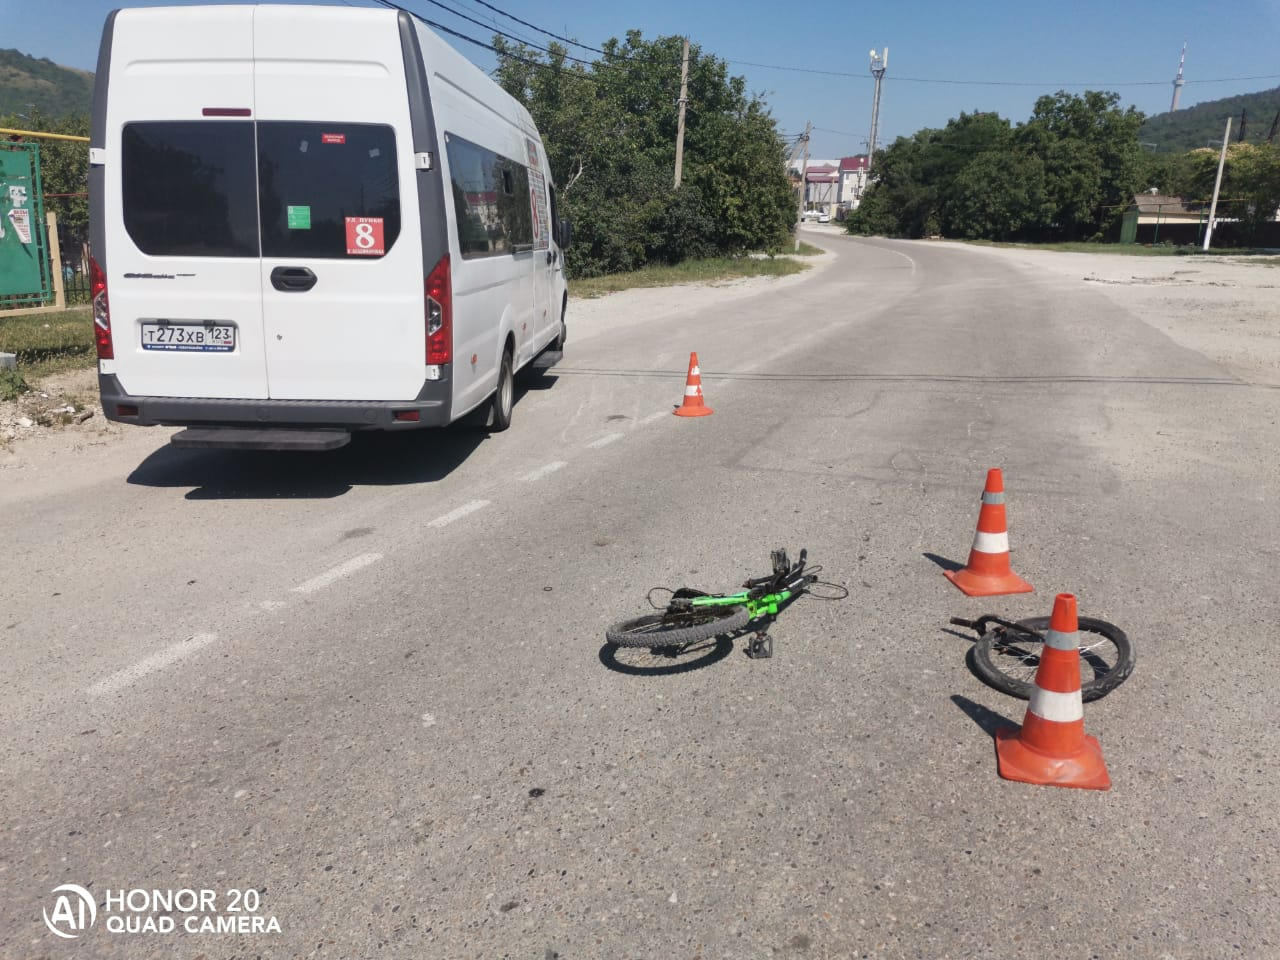 В Новороссийске сбили подростка на велосипеде